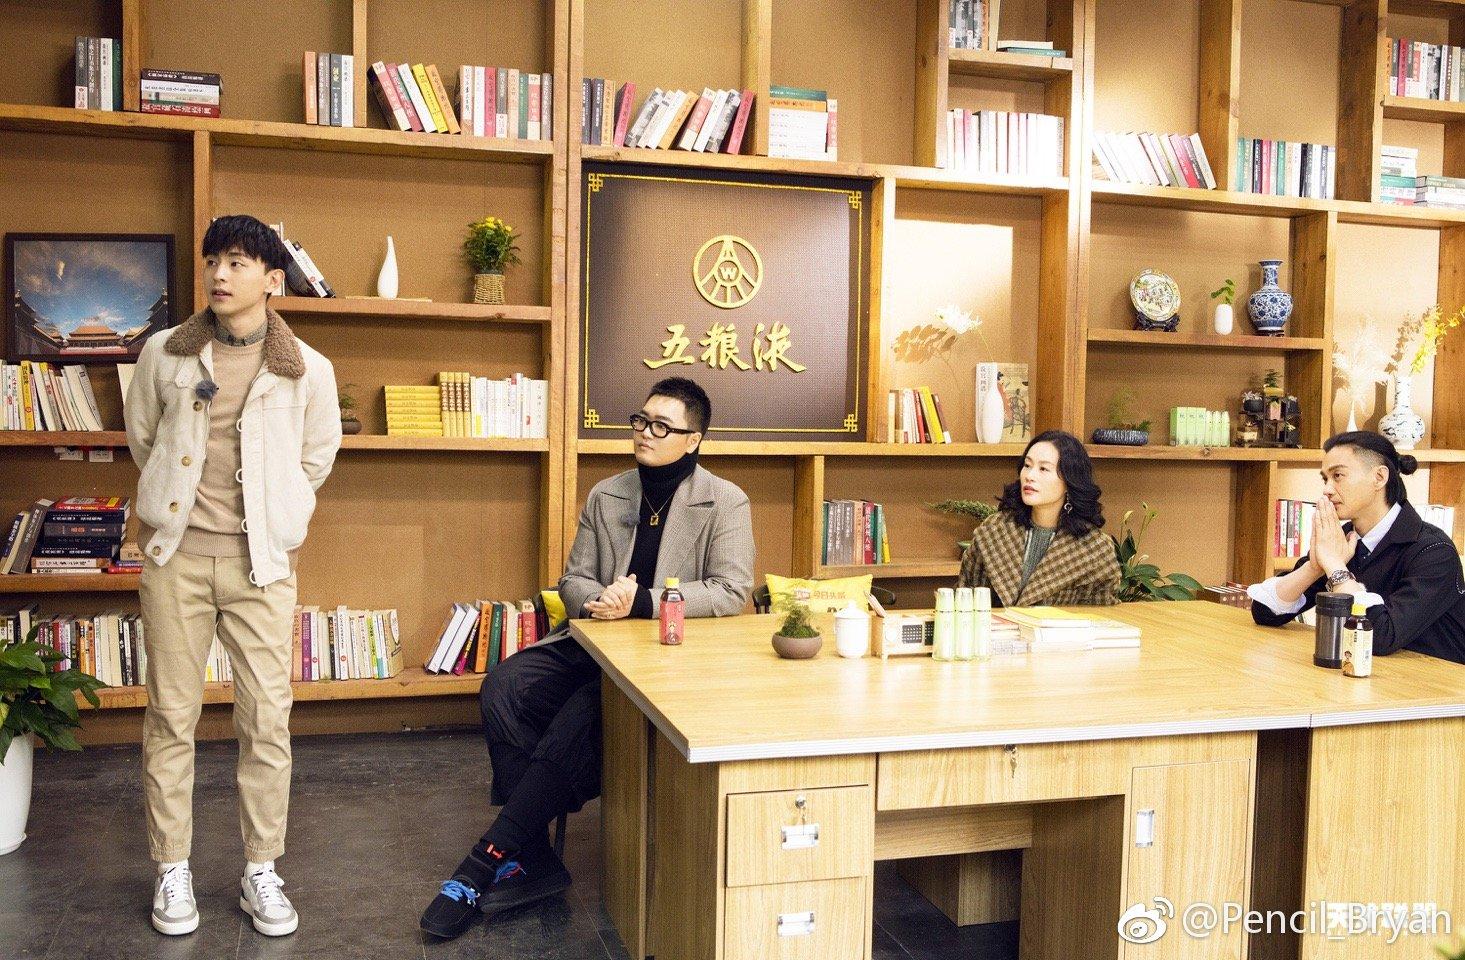 徐磊-上新了故宫-4